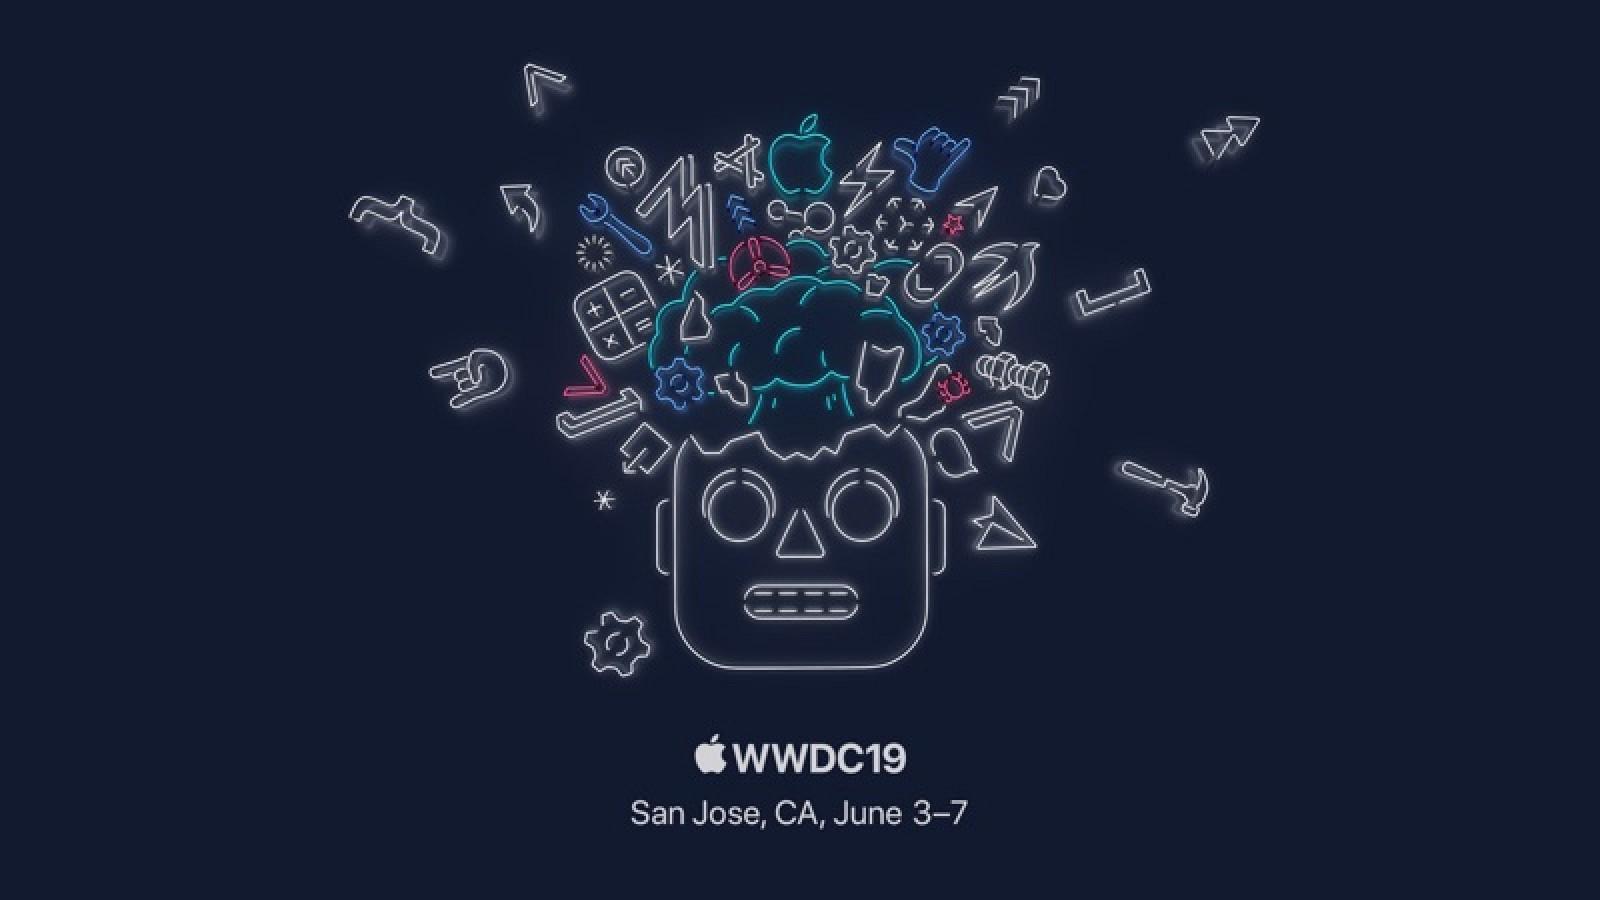 Ya están disponibles las transcripciones de los videos de la sesión WWDC 2019